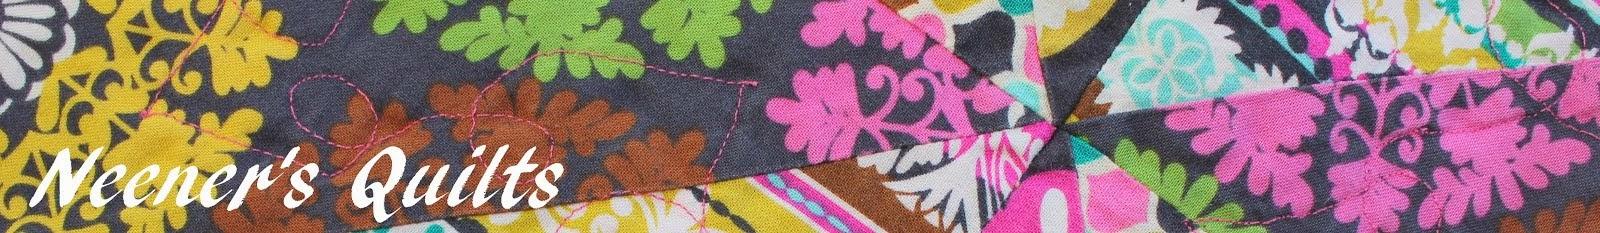 Neener's Quilts